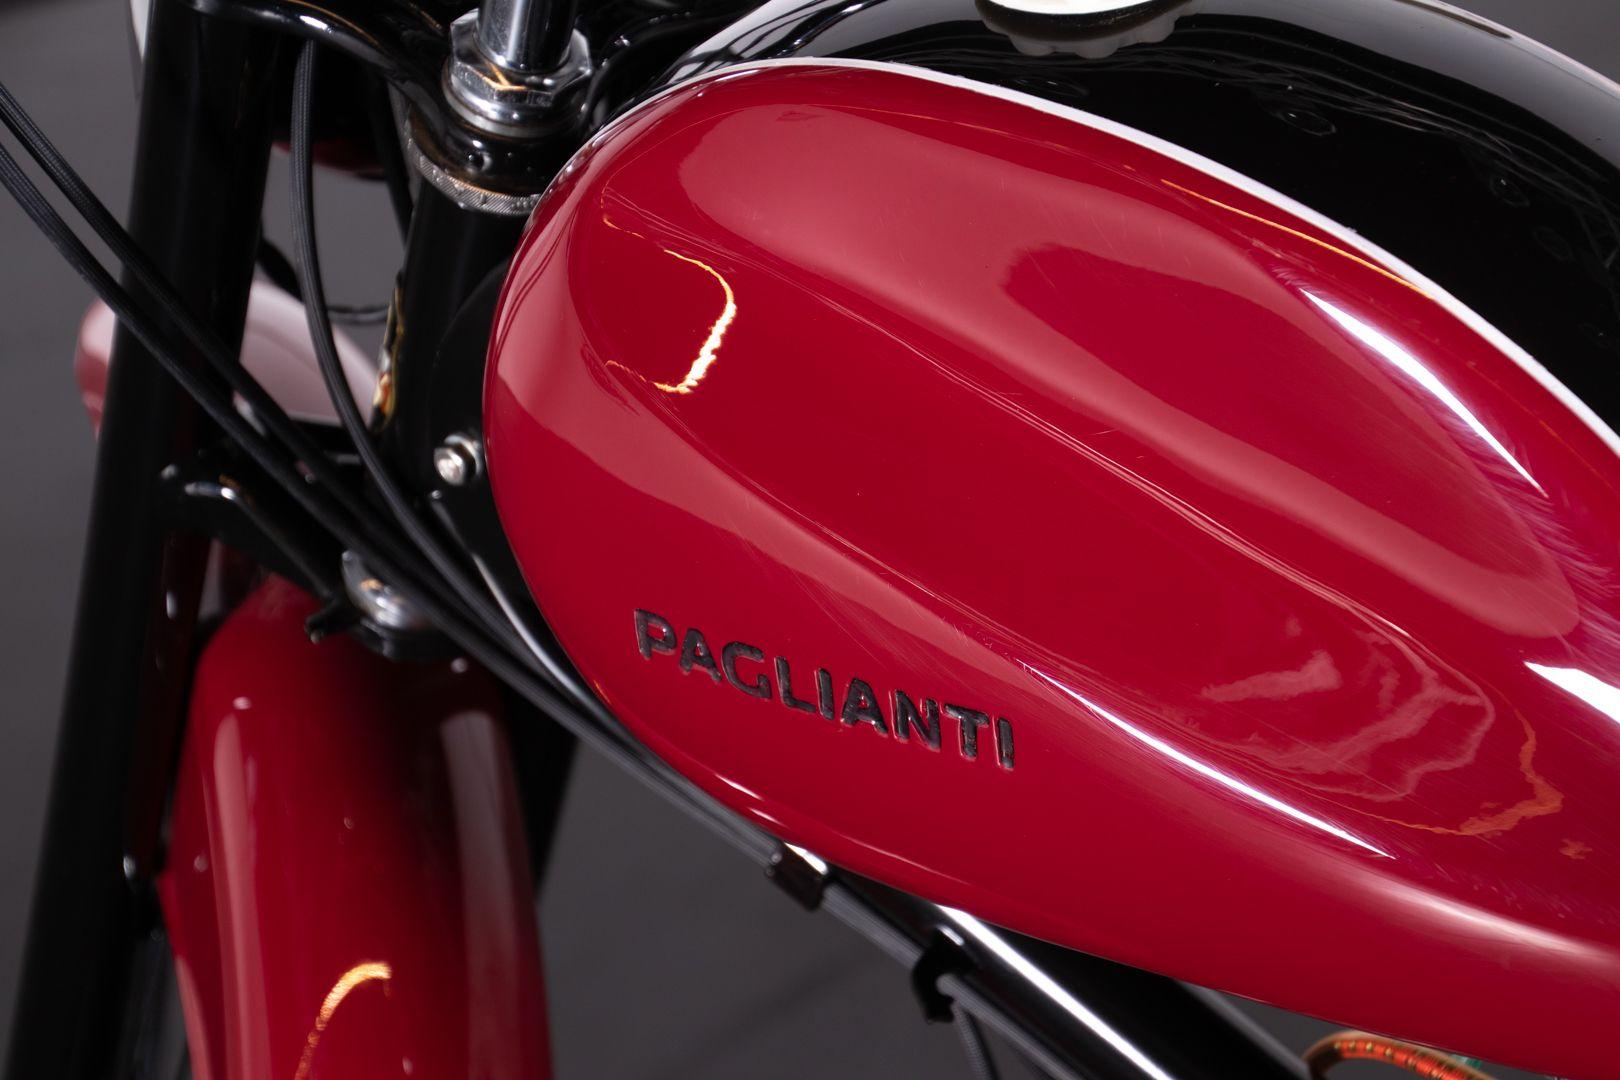 1957 PAGLIANTI 50 CC PEDALI 51265